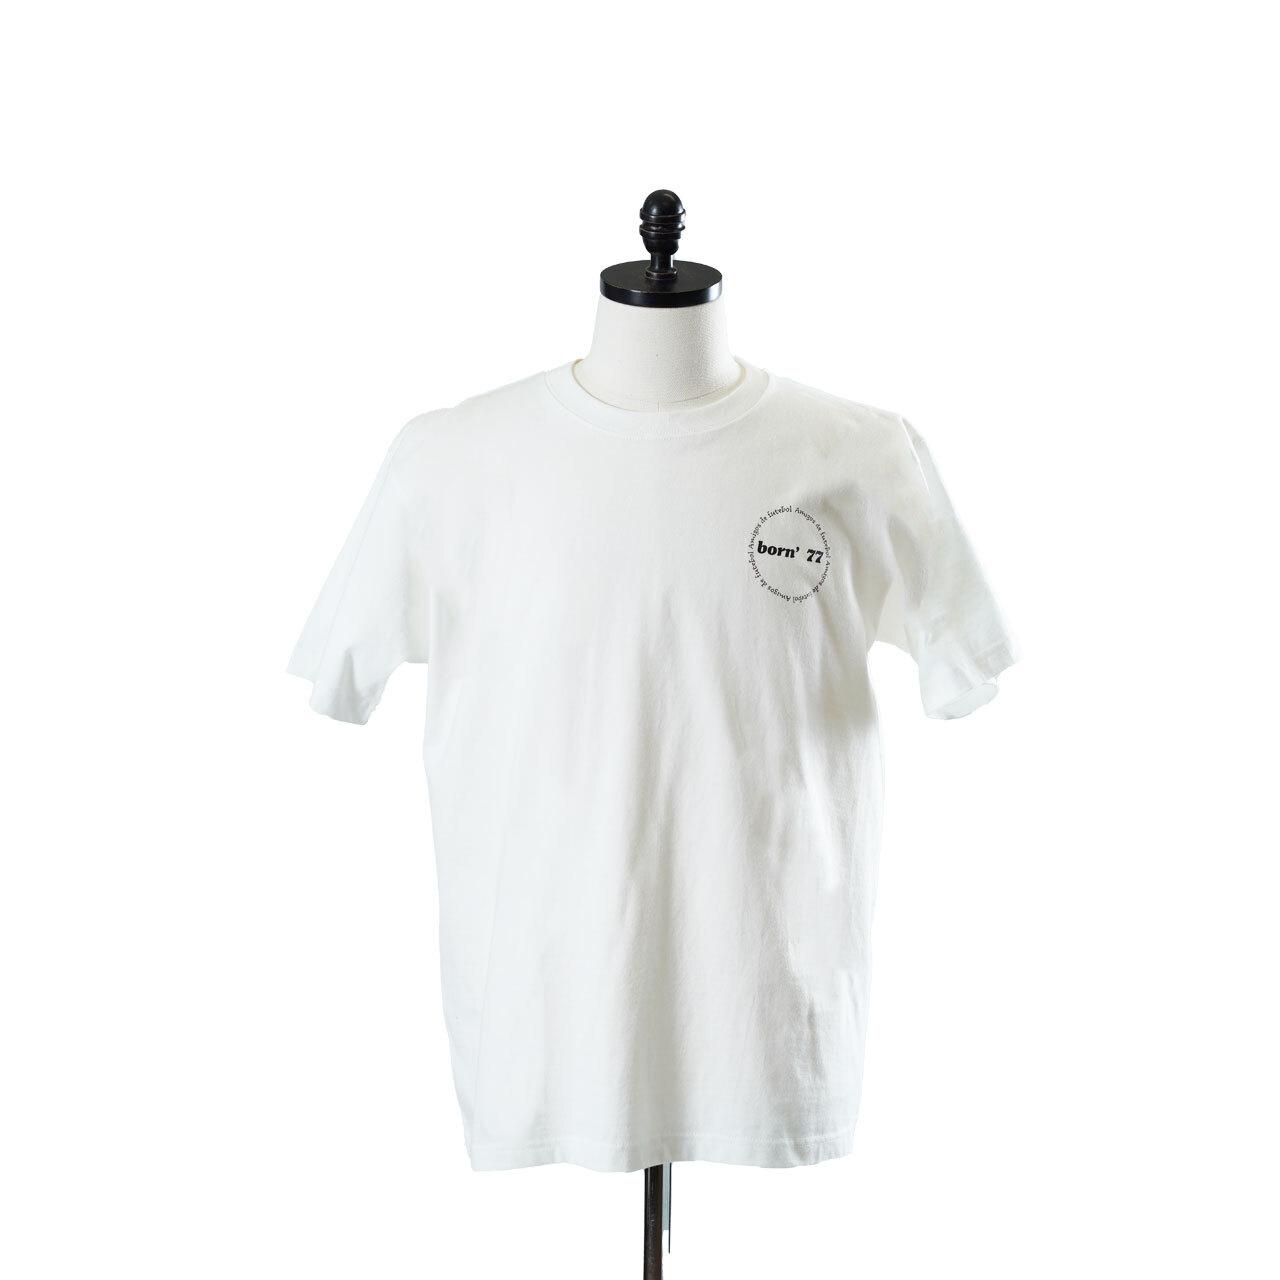 ナンバーTシャツ【11】(BOR0001)